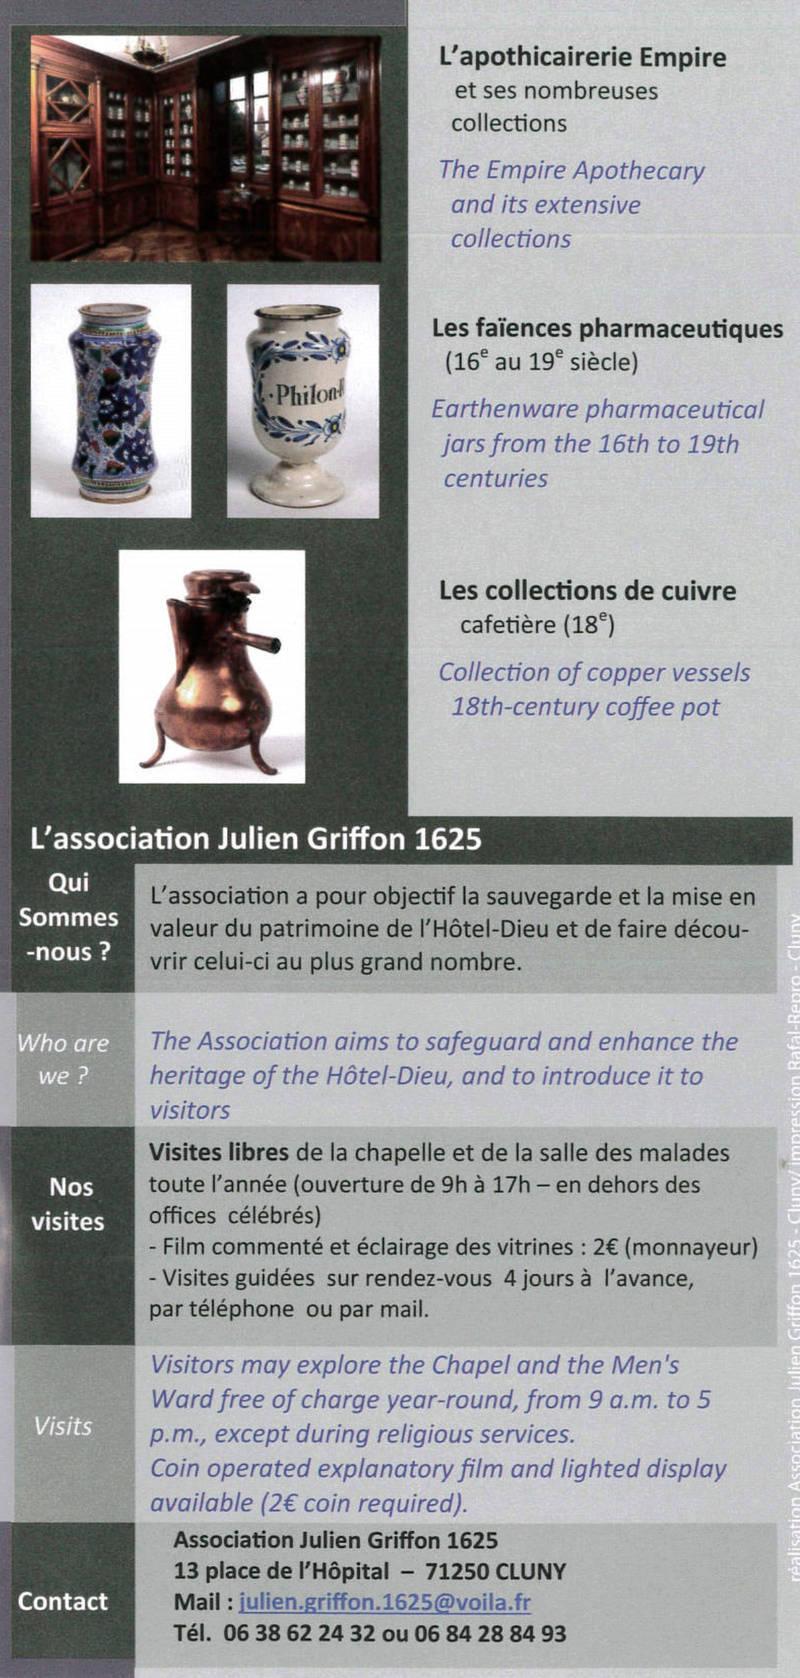 Présentation de l'Association Julien Griffon 1625 0113